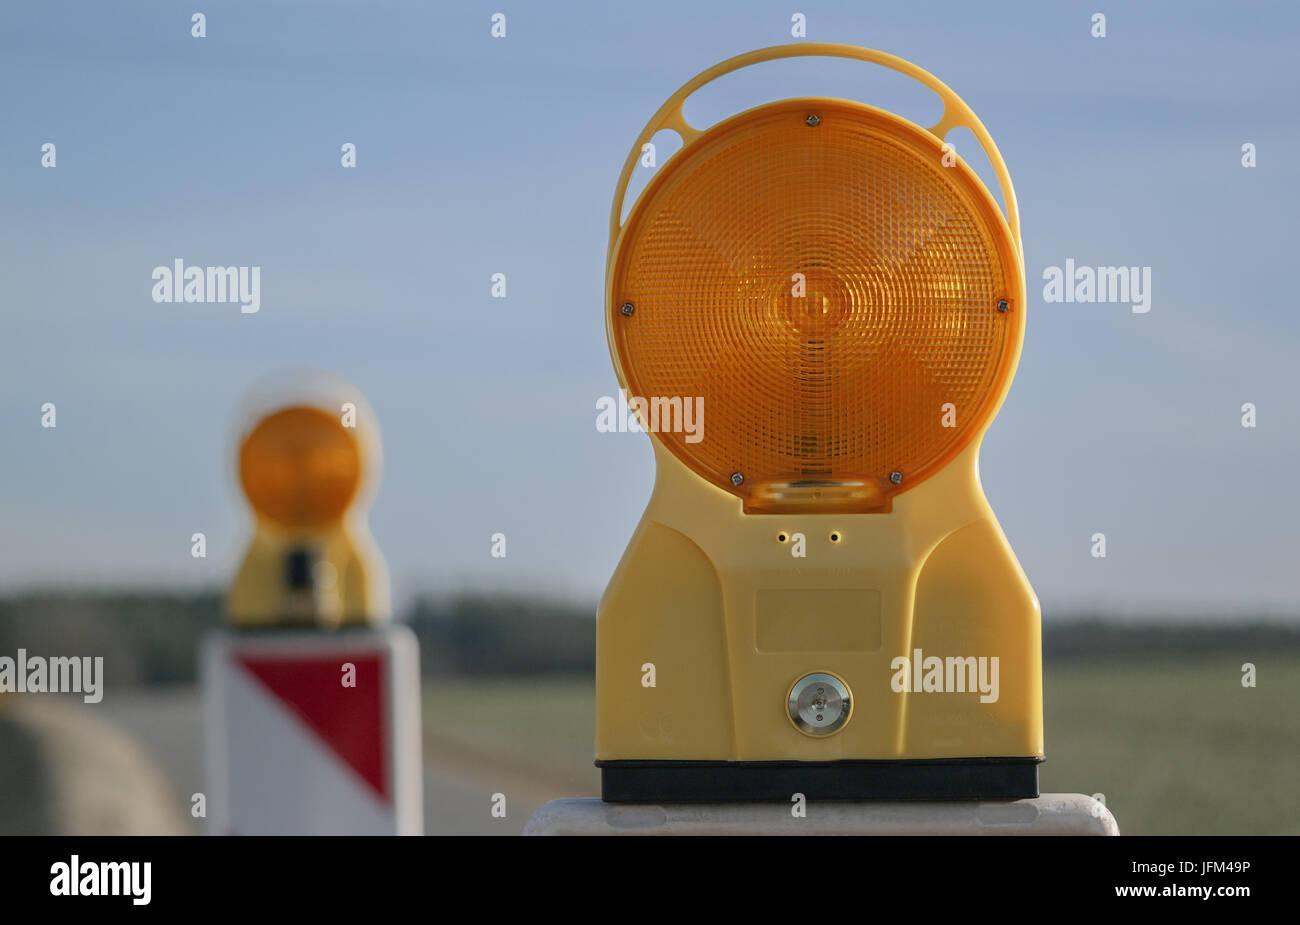 Gas Licht Nl : Vorsicht licht stockfotos vorsicht licht bilder alamy